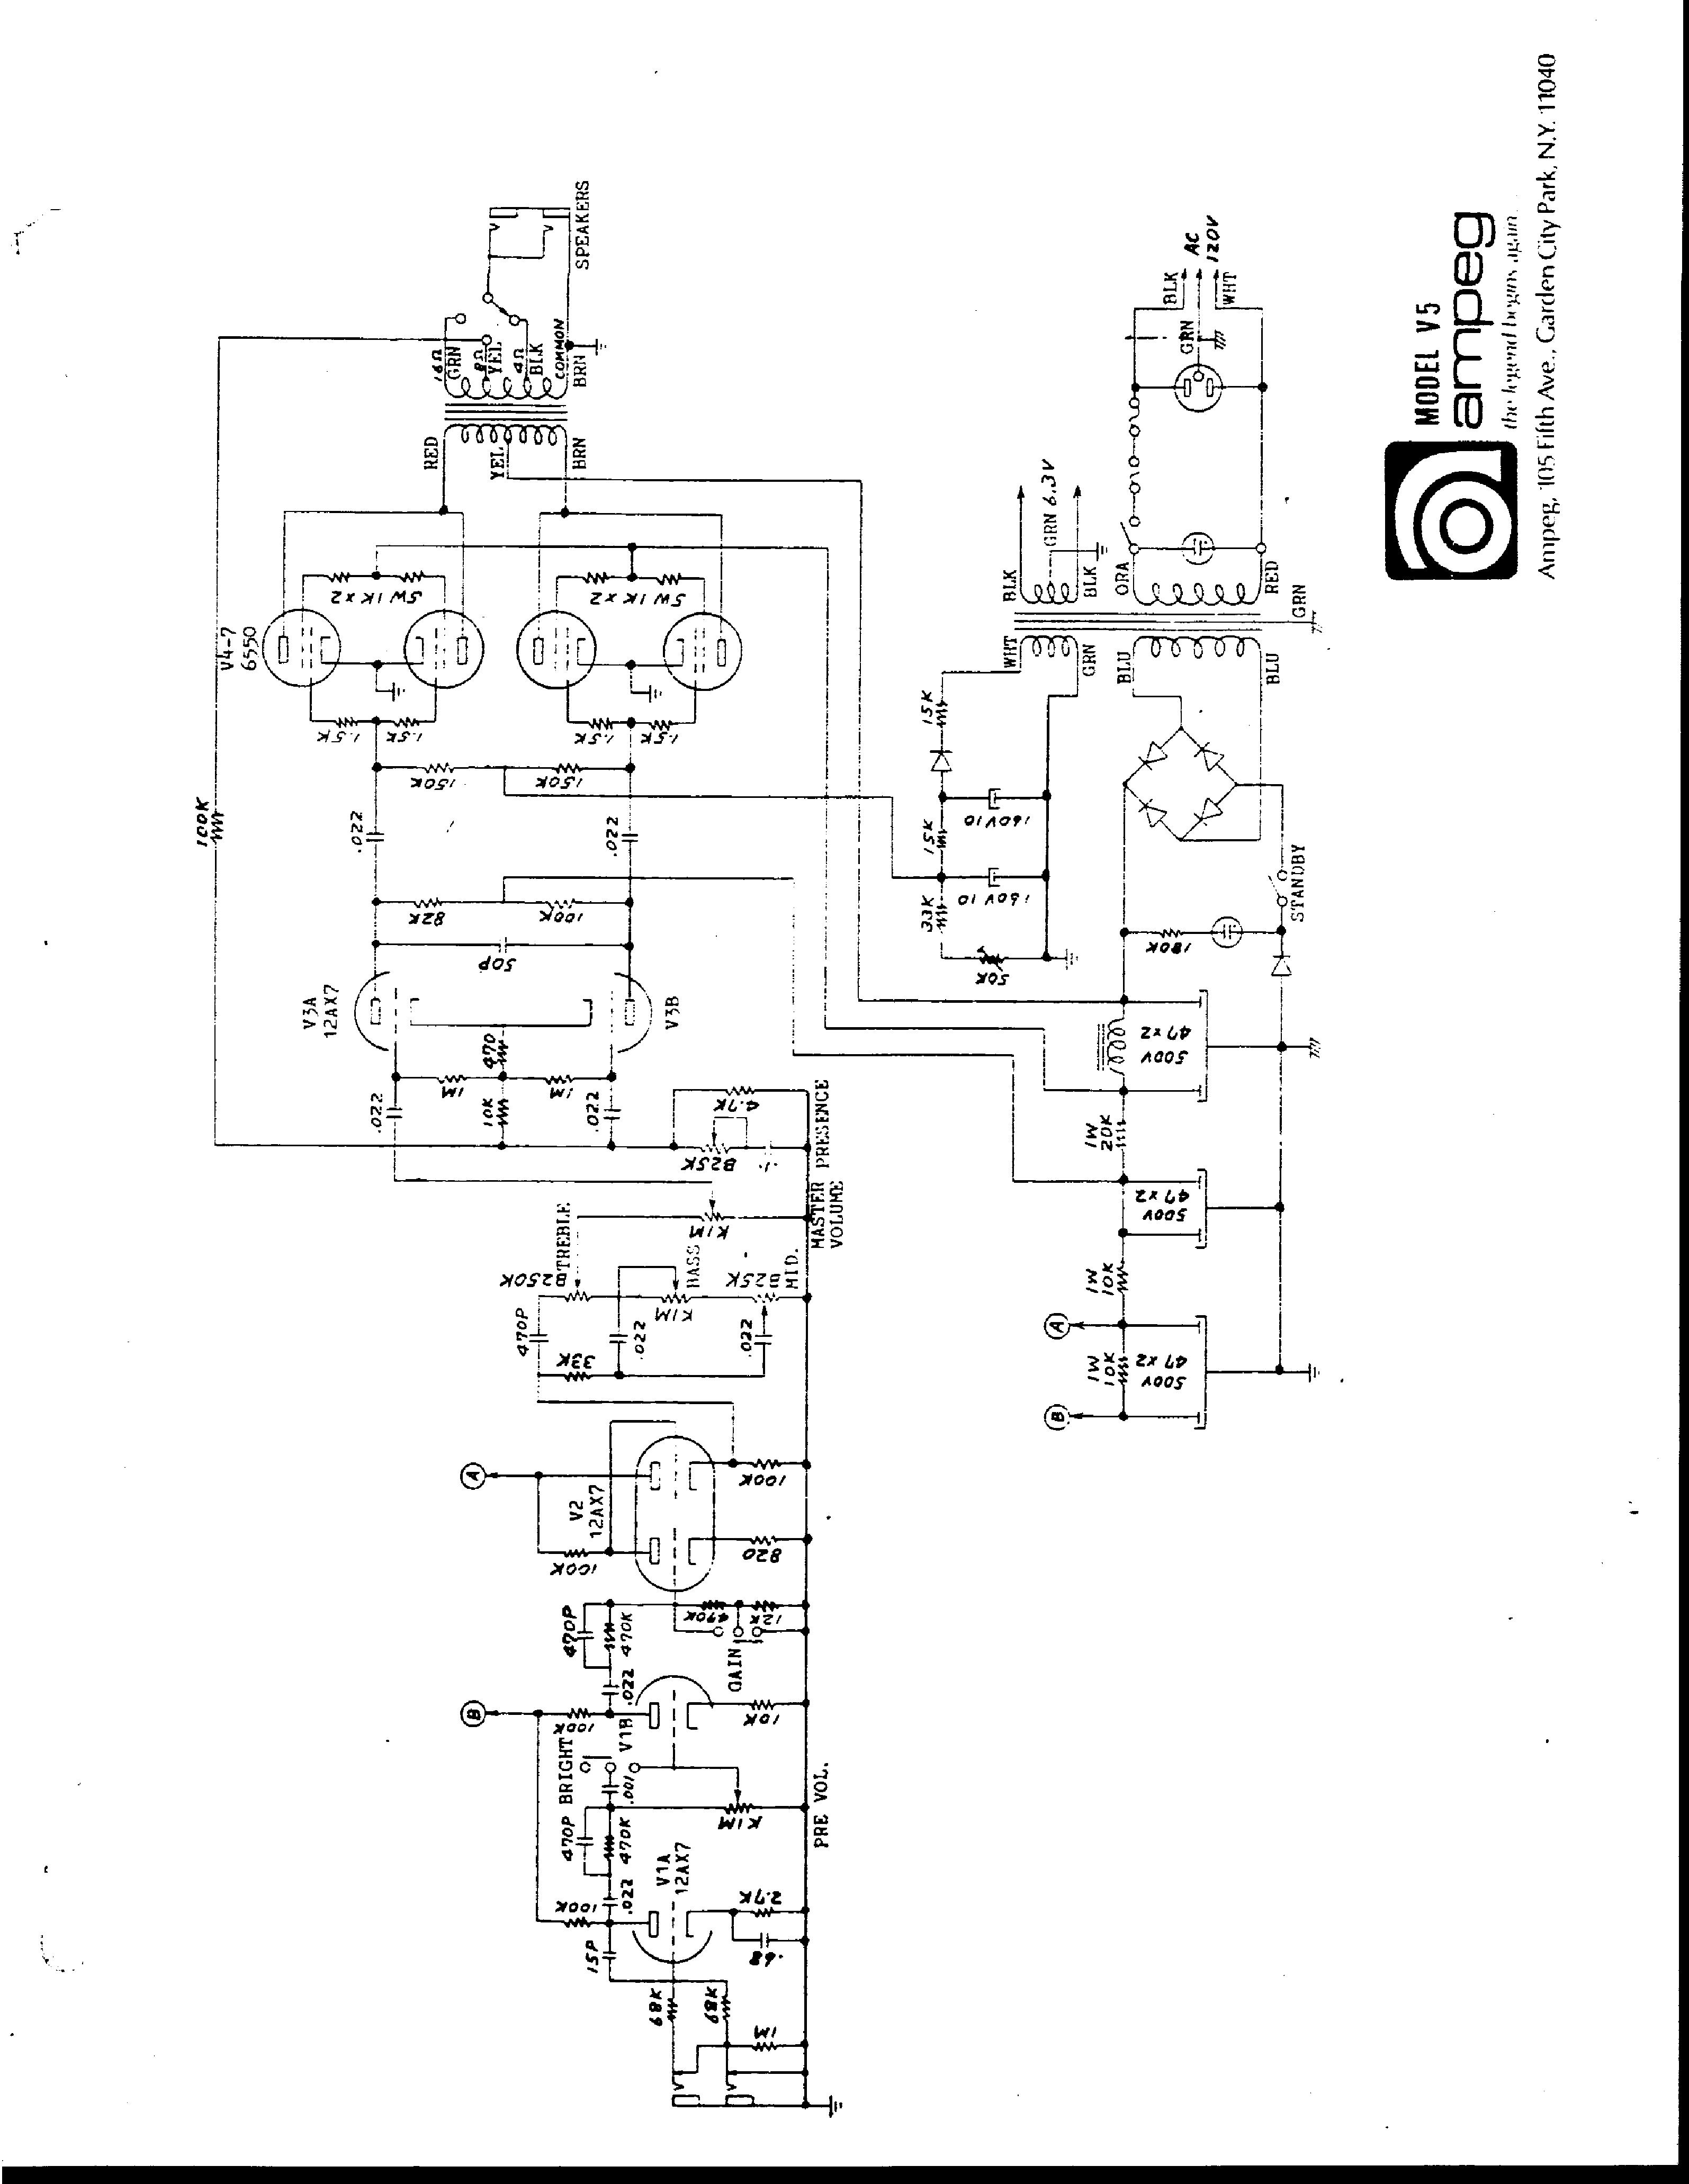 ampeg v5 schematic